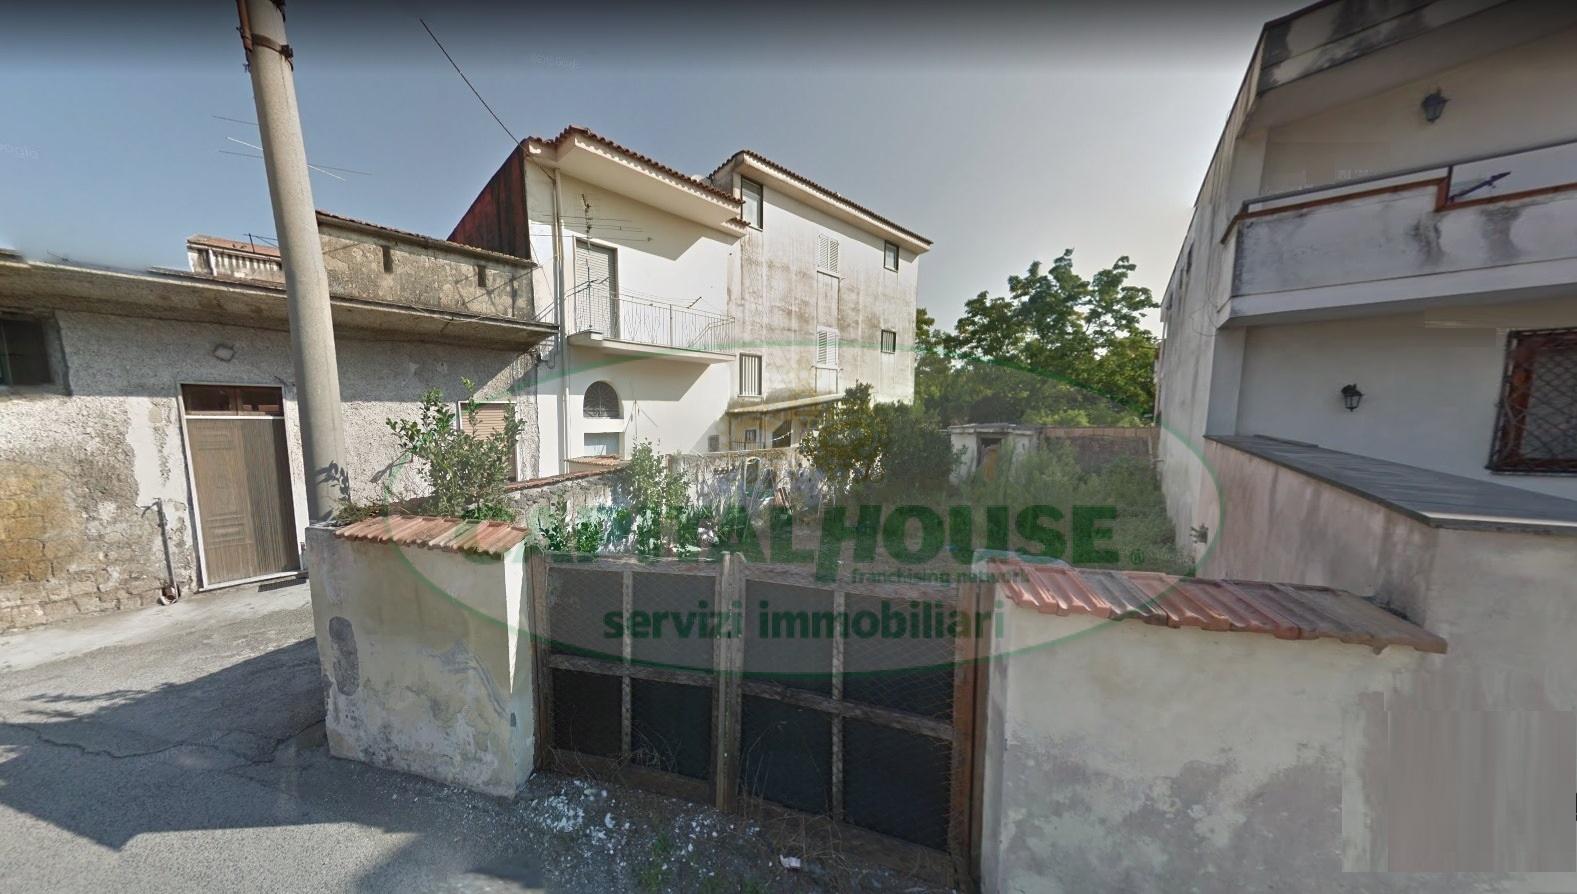 Soluzione Semindipendente in vendita a San Gennaro Vesuviano, 2 locali, prezzo € 49.000 | CambioCasa.it